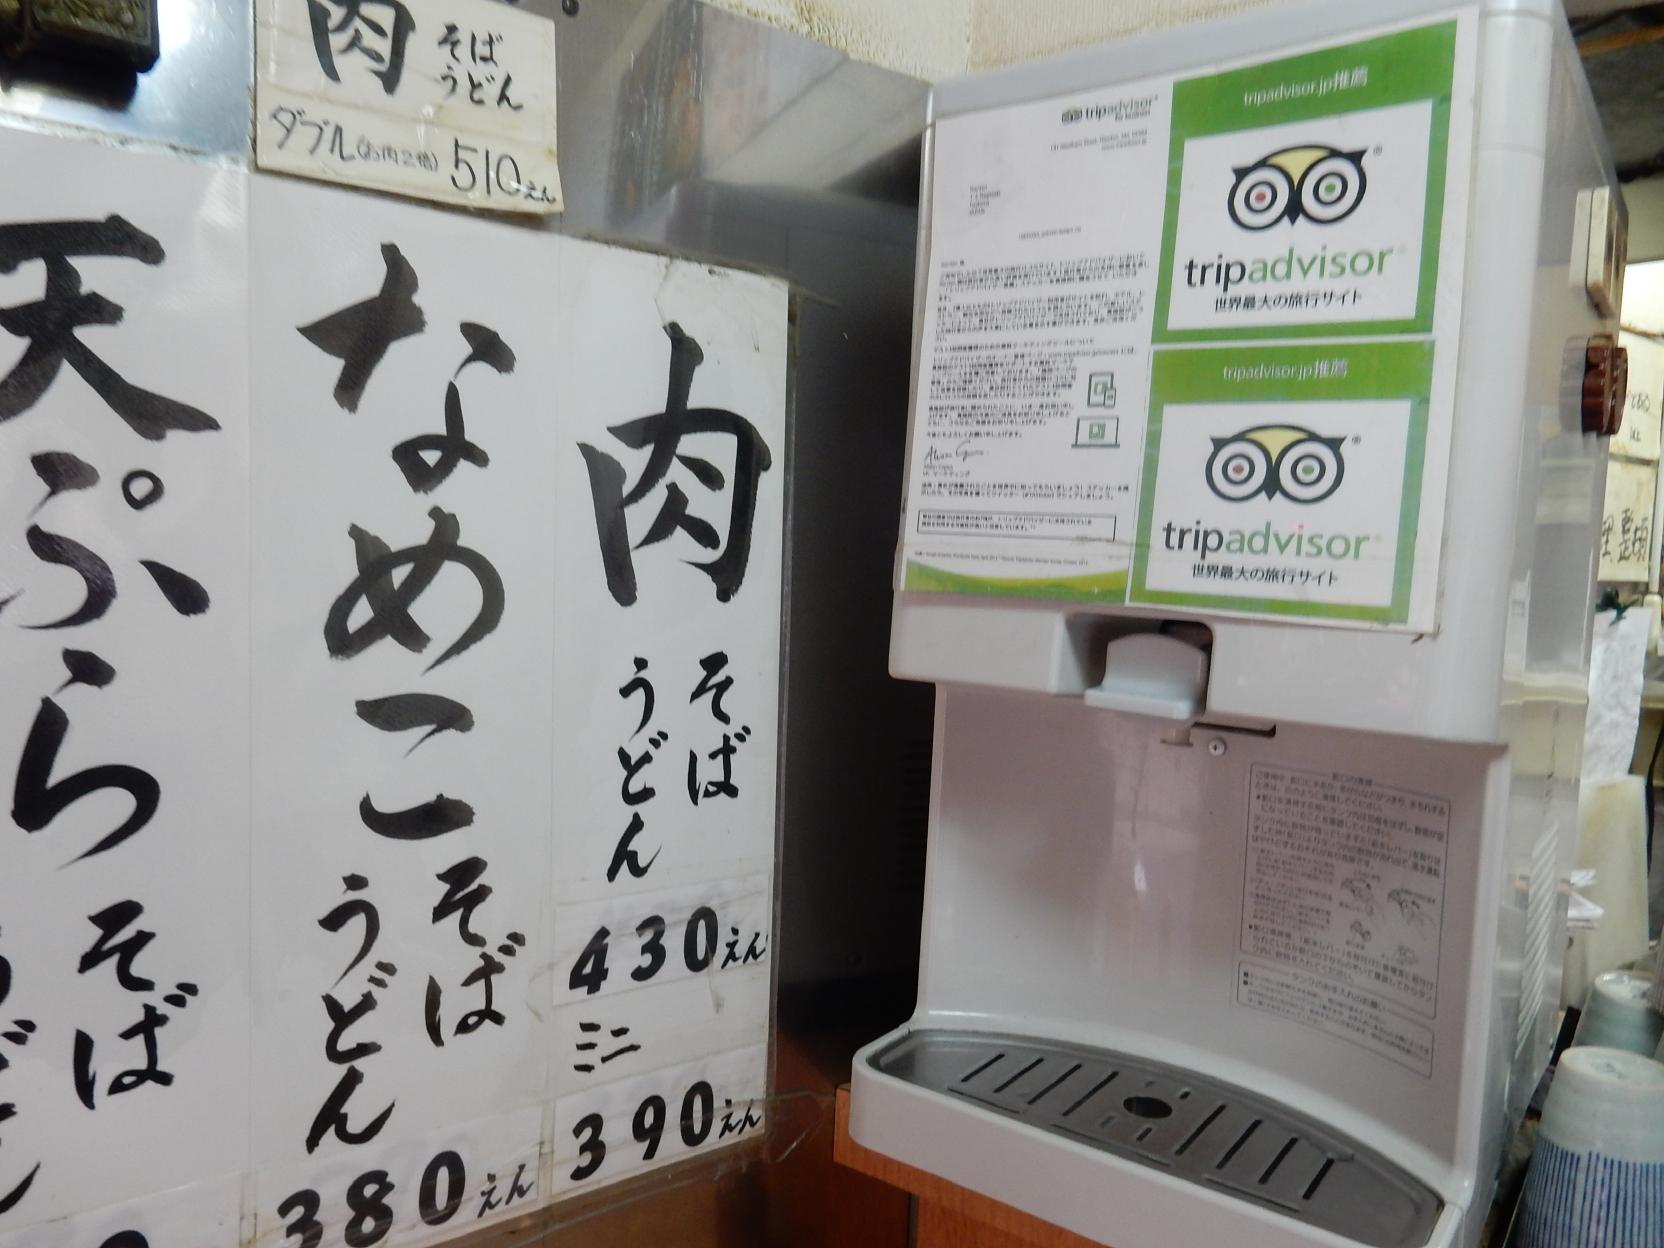 立ち食いうどん屋の外国人旅行者と豊島区椎名町のインバウンドの話_b0235153_1184382.jpg